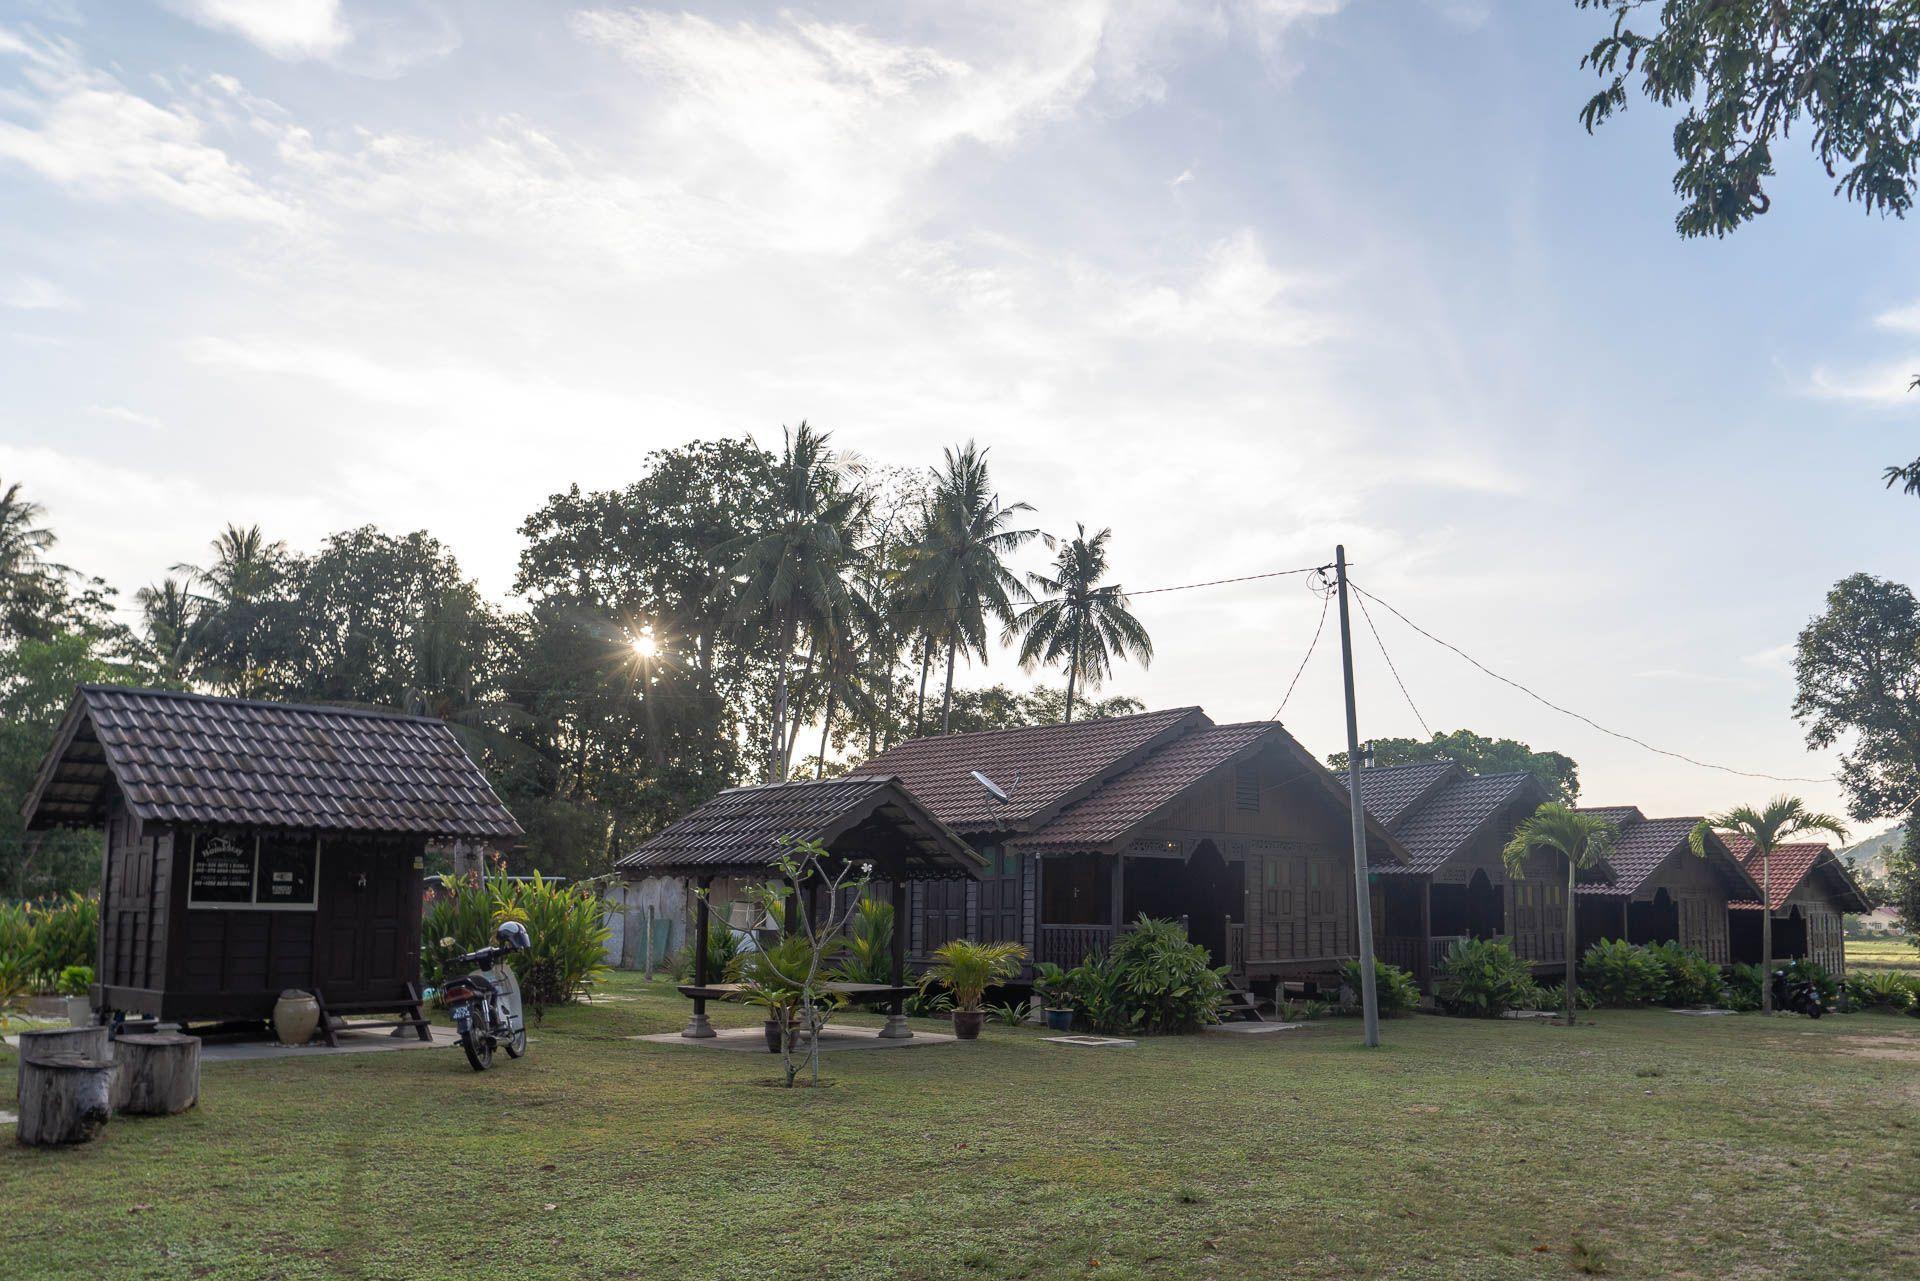 Lesvoyageuses-Malaisie-Langkawi-24